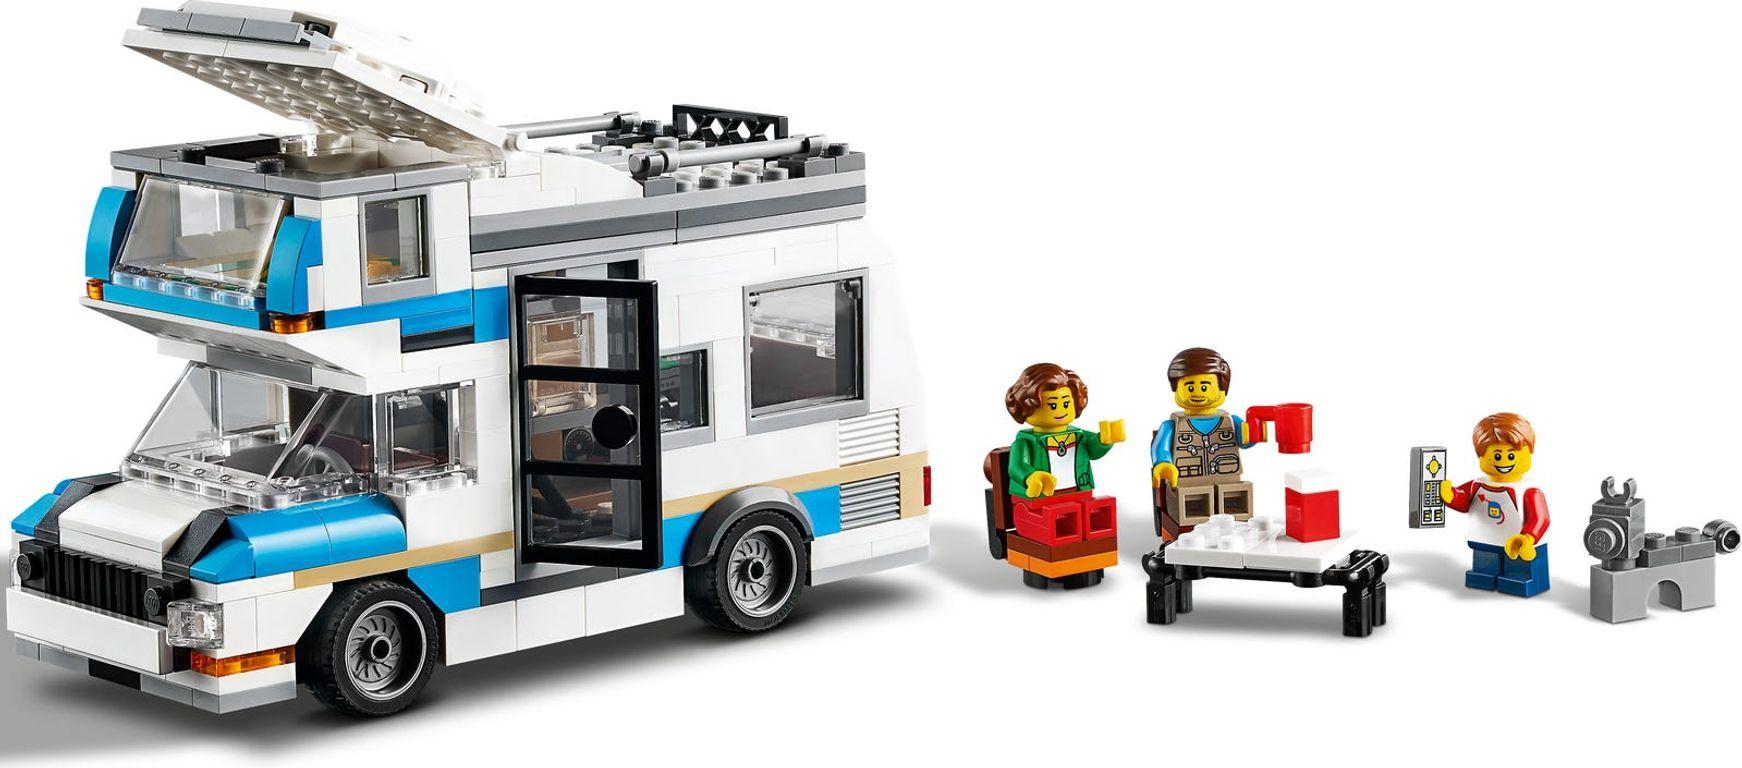 Caravan Family Holiday alternative